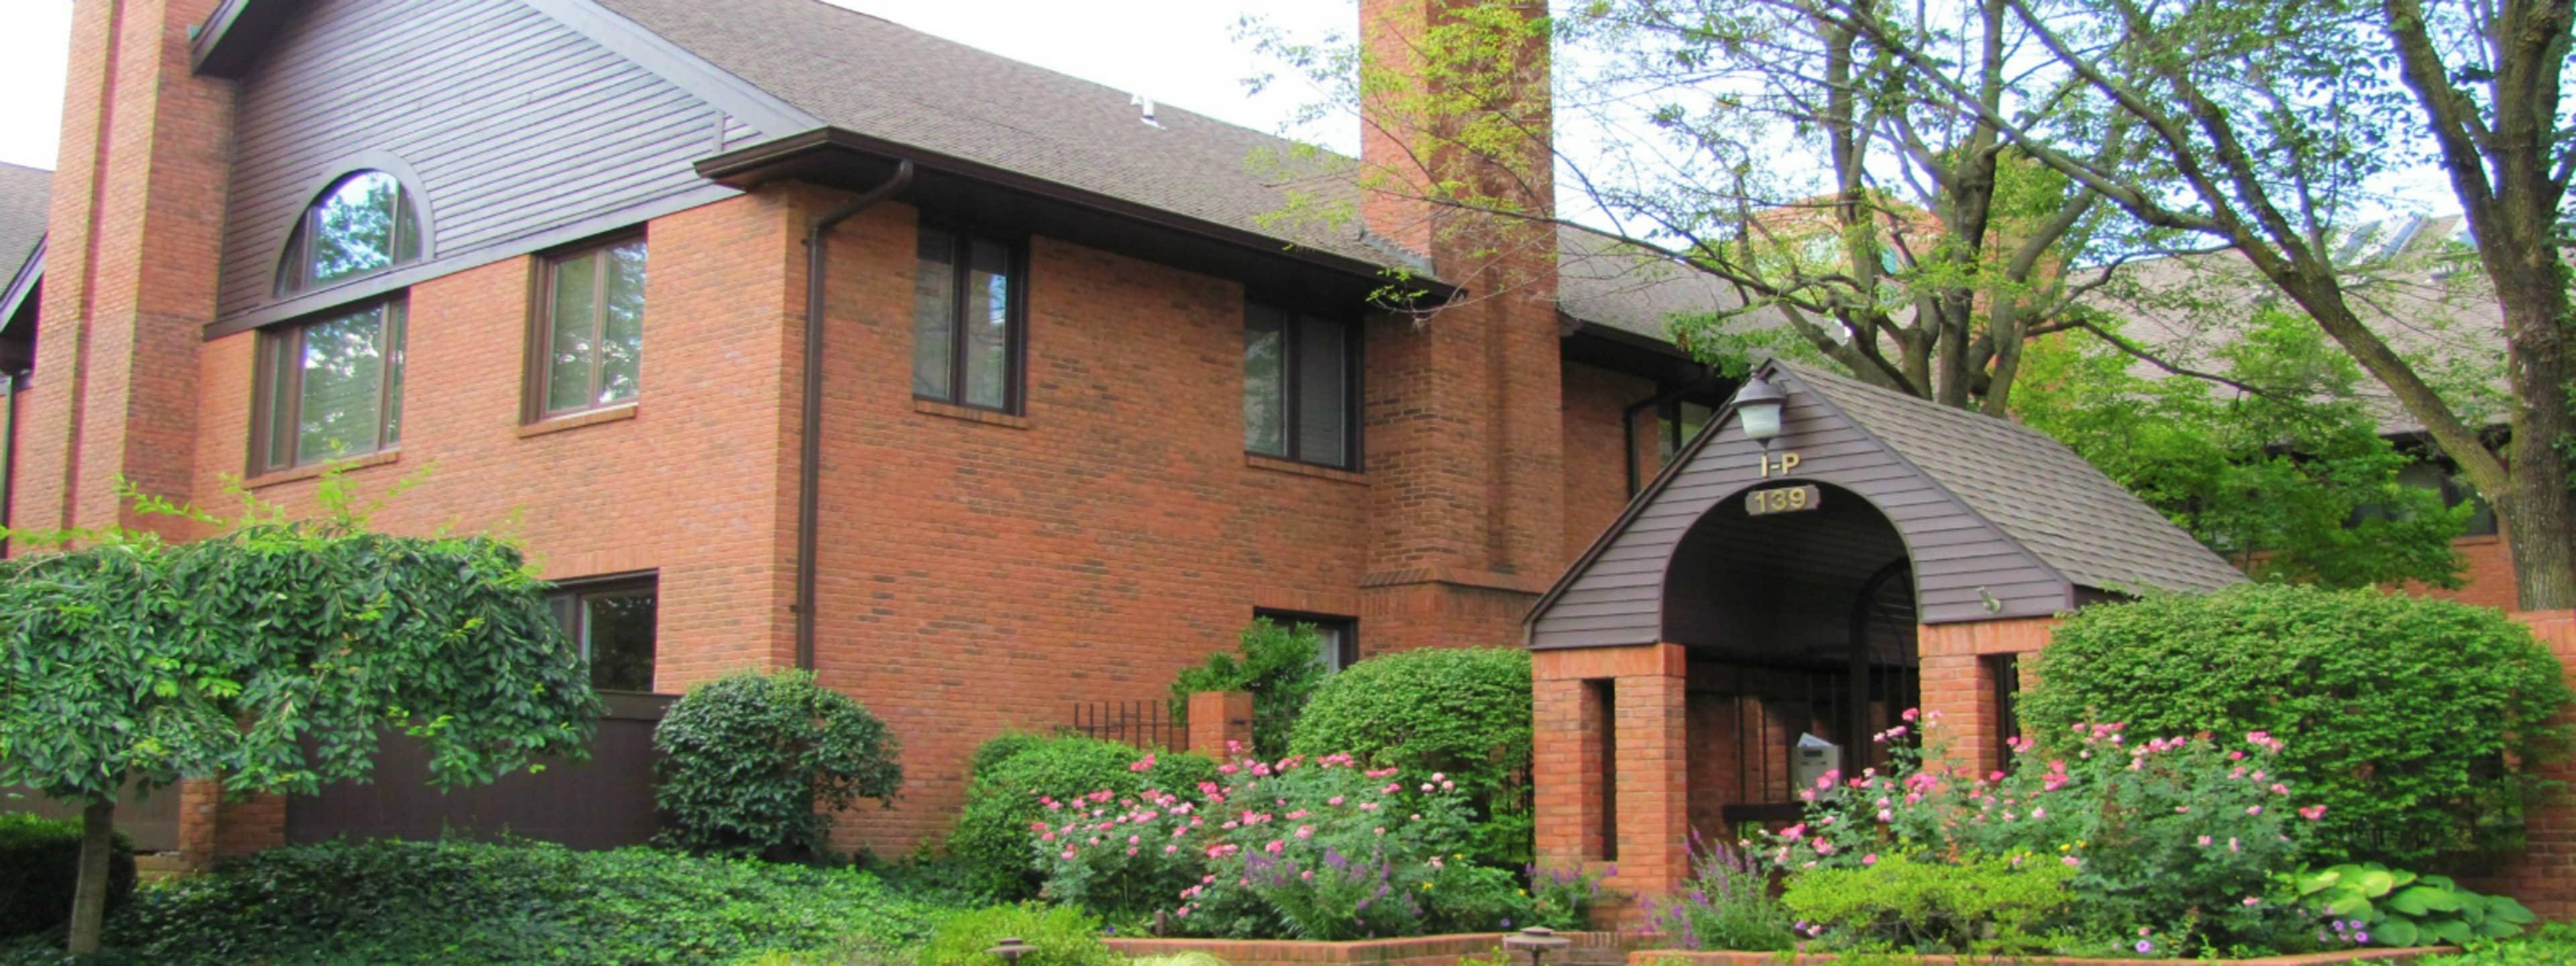 Local Real Estate Brokerage specializing in condo sales in Clayton ...